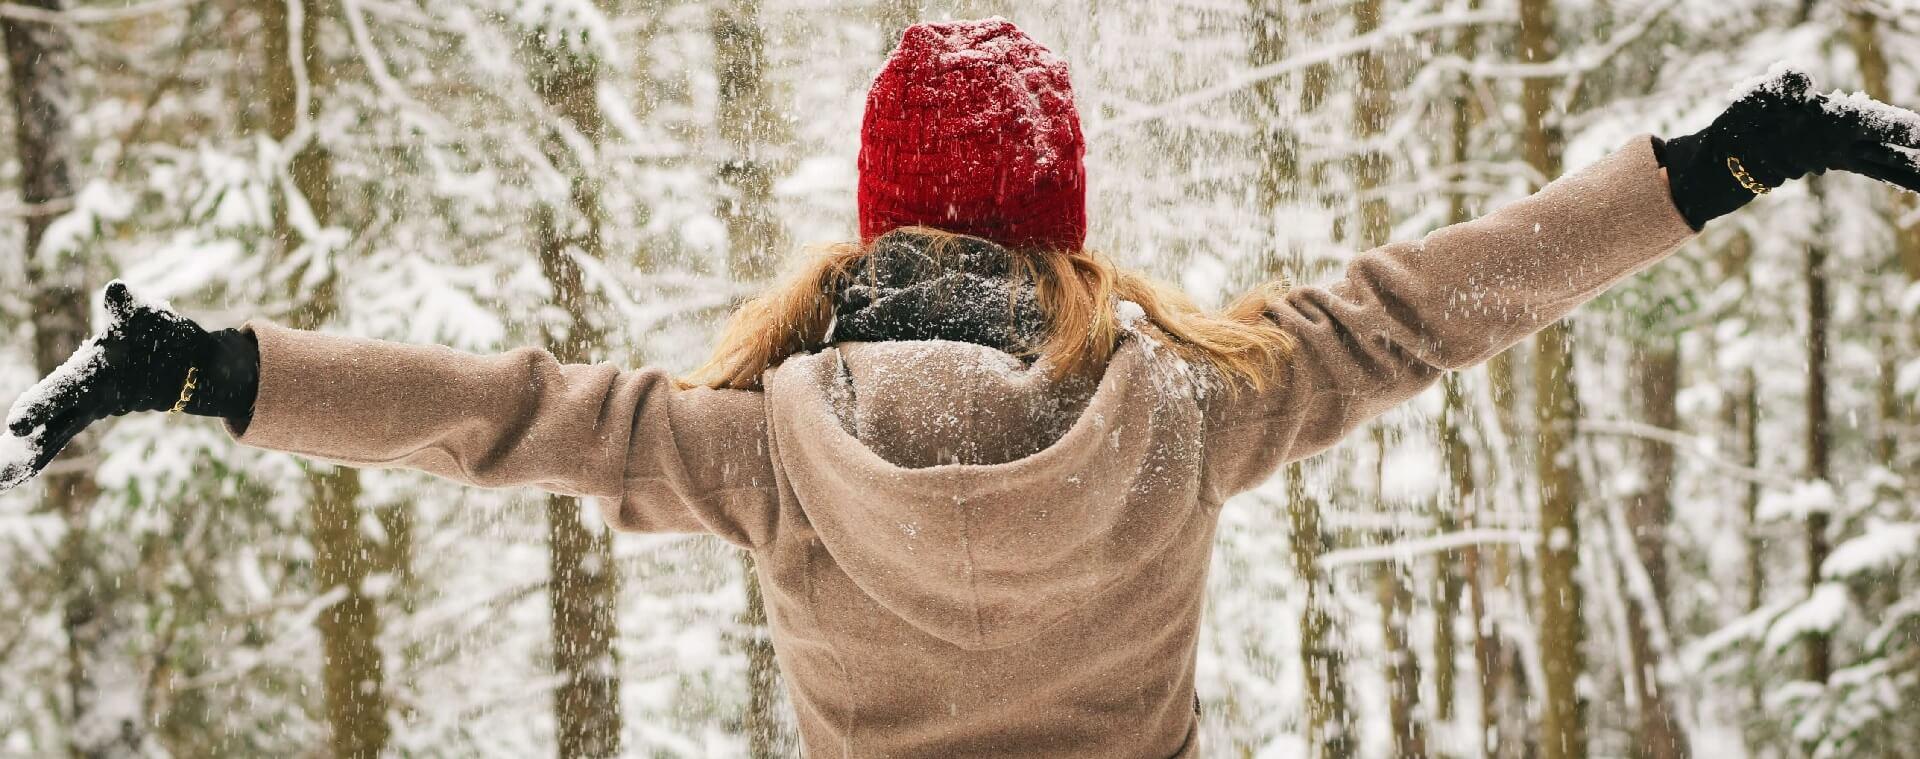 Où trouver des vitamines pour affronter l'hiver ?